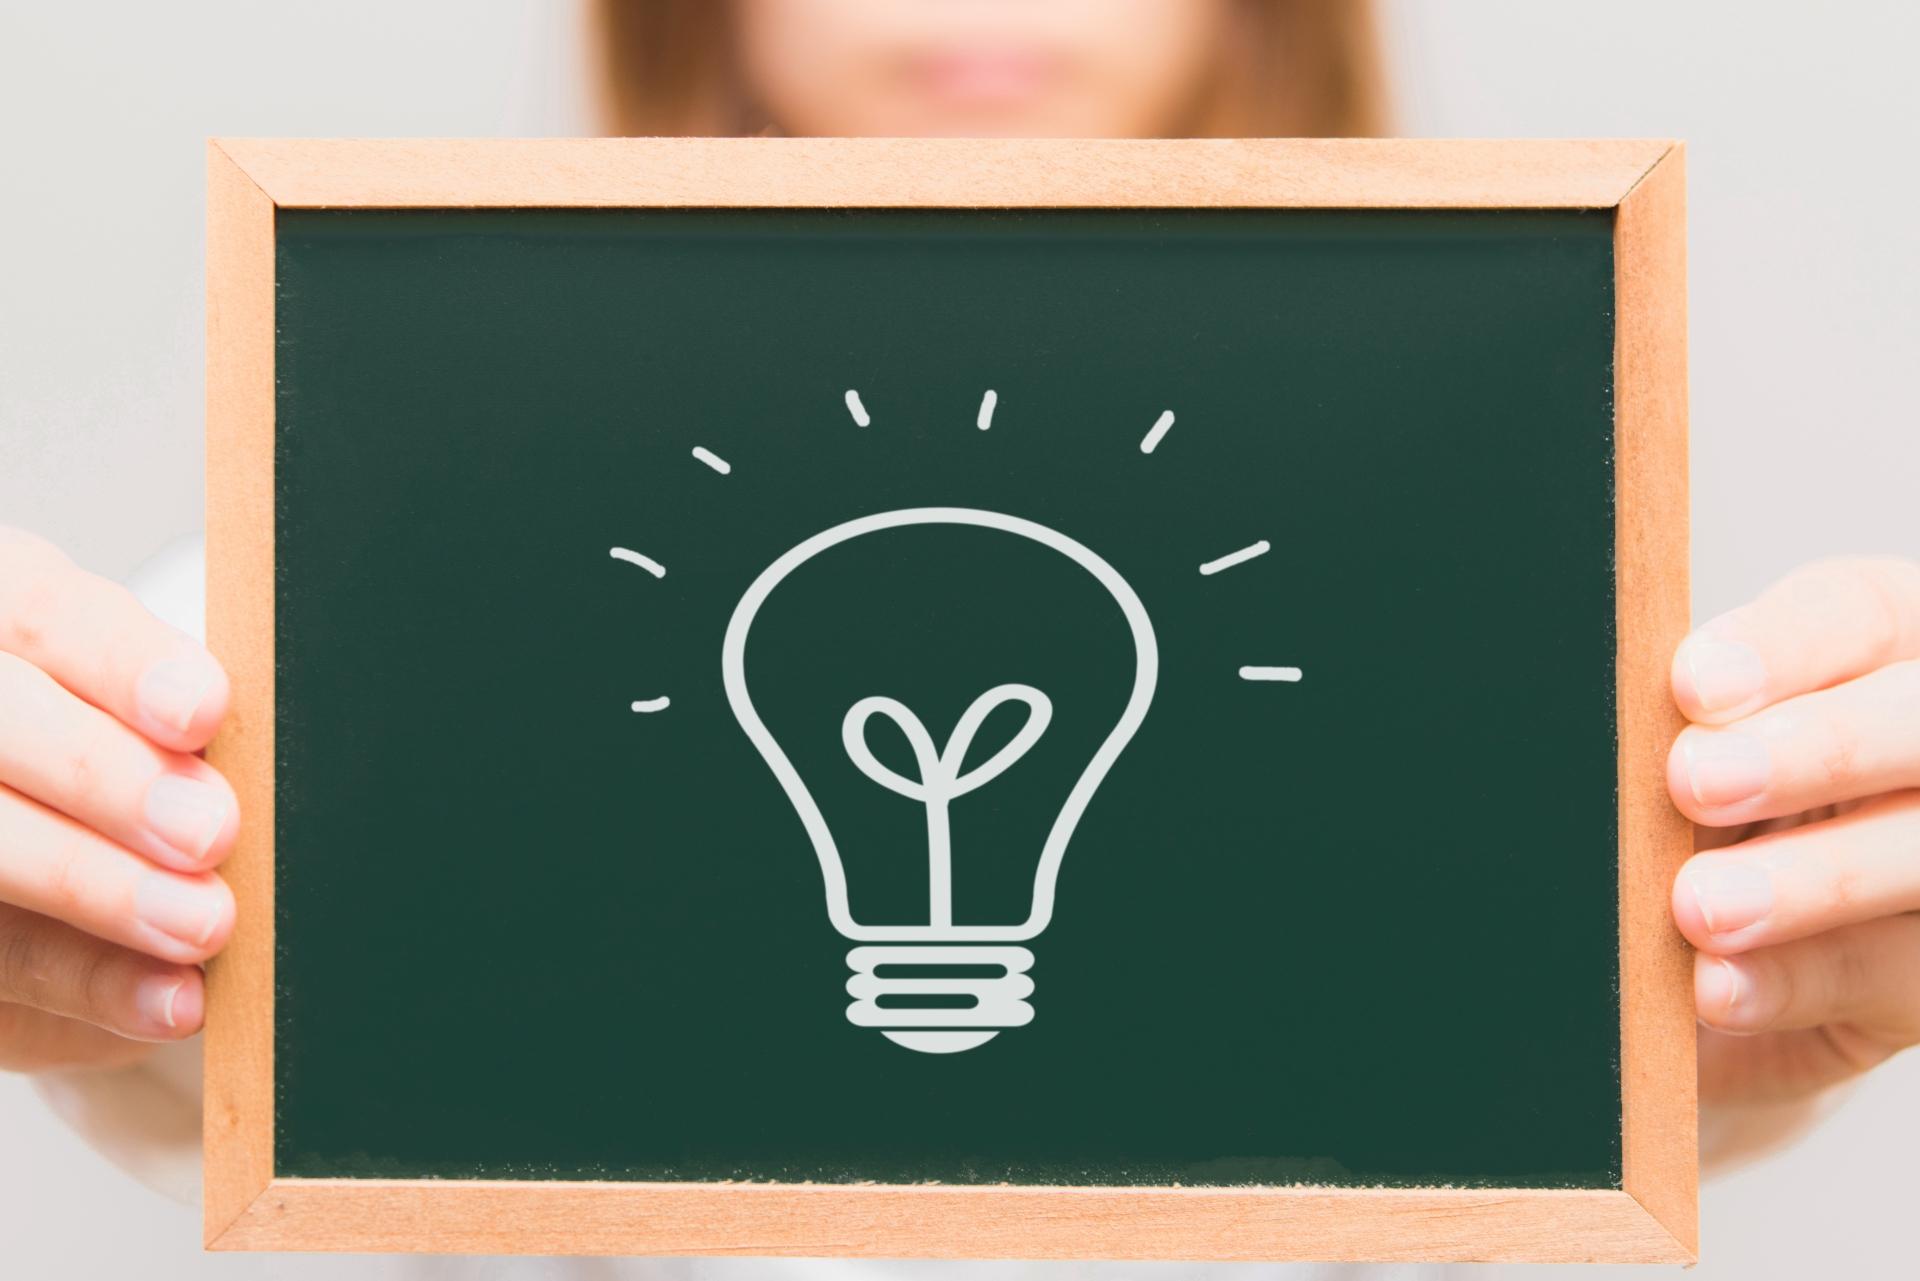 起業の方法とは?手順を抑えて自分のやりたい仕事を始めてみよう